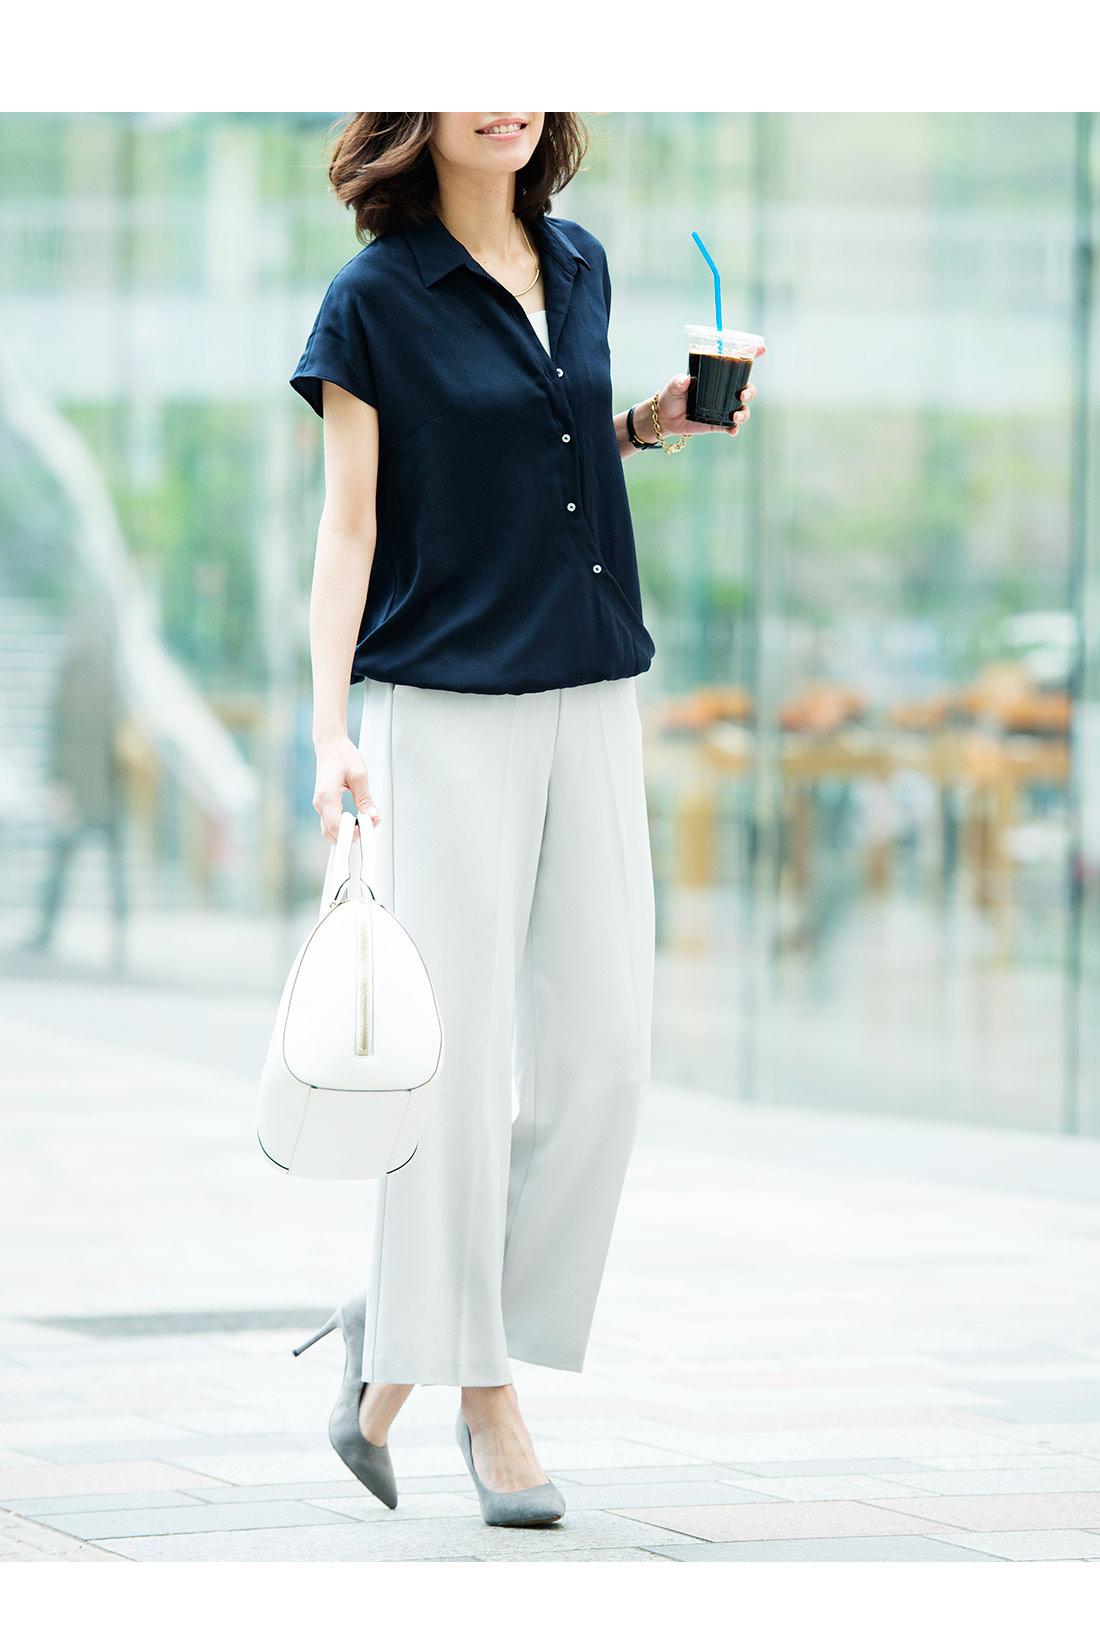 トレンドのワイドパンツを、上質感と大人っぽさで通勤もOKに格上げした夏のマストアイテム。